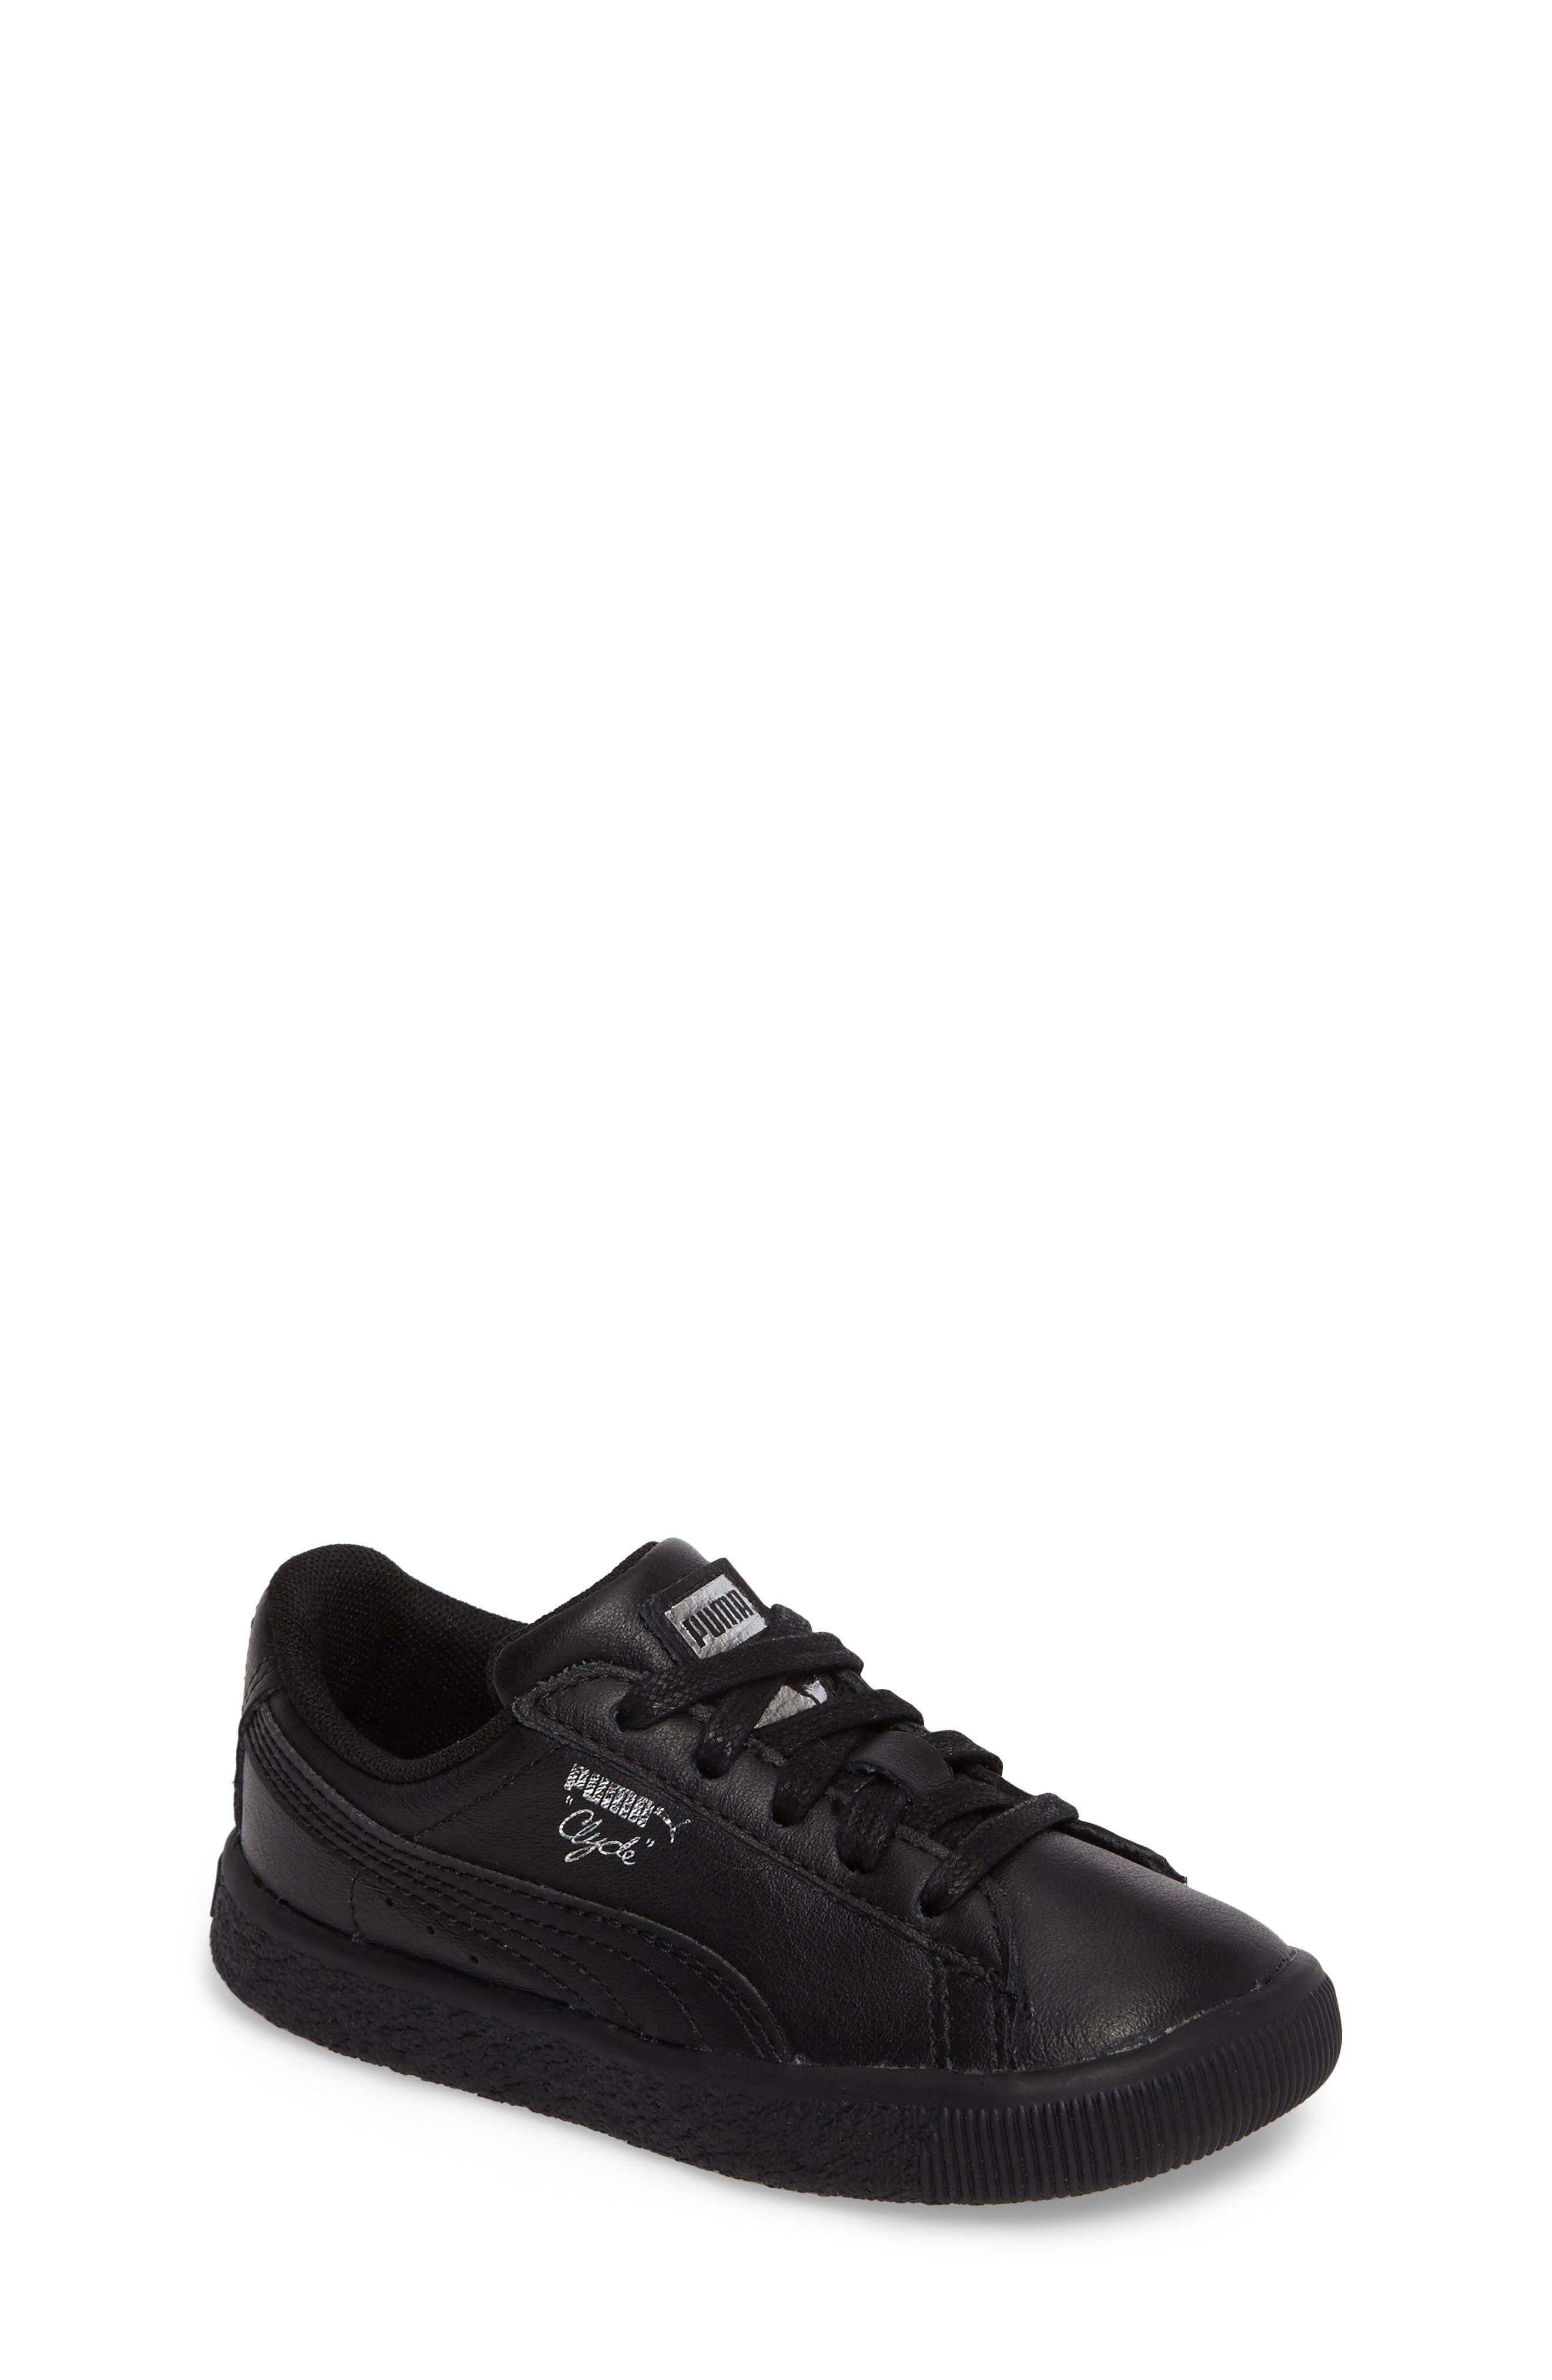 Clyde Core Foil Sneaker,                             Main thumbnail 2, color,